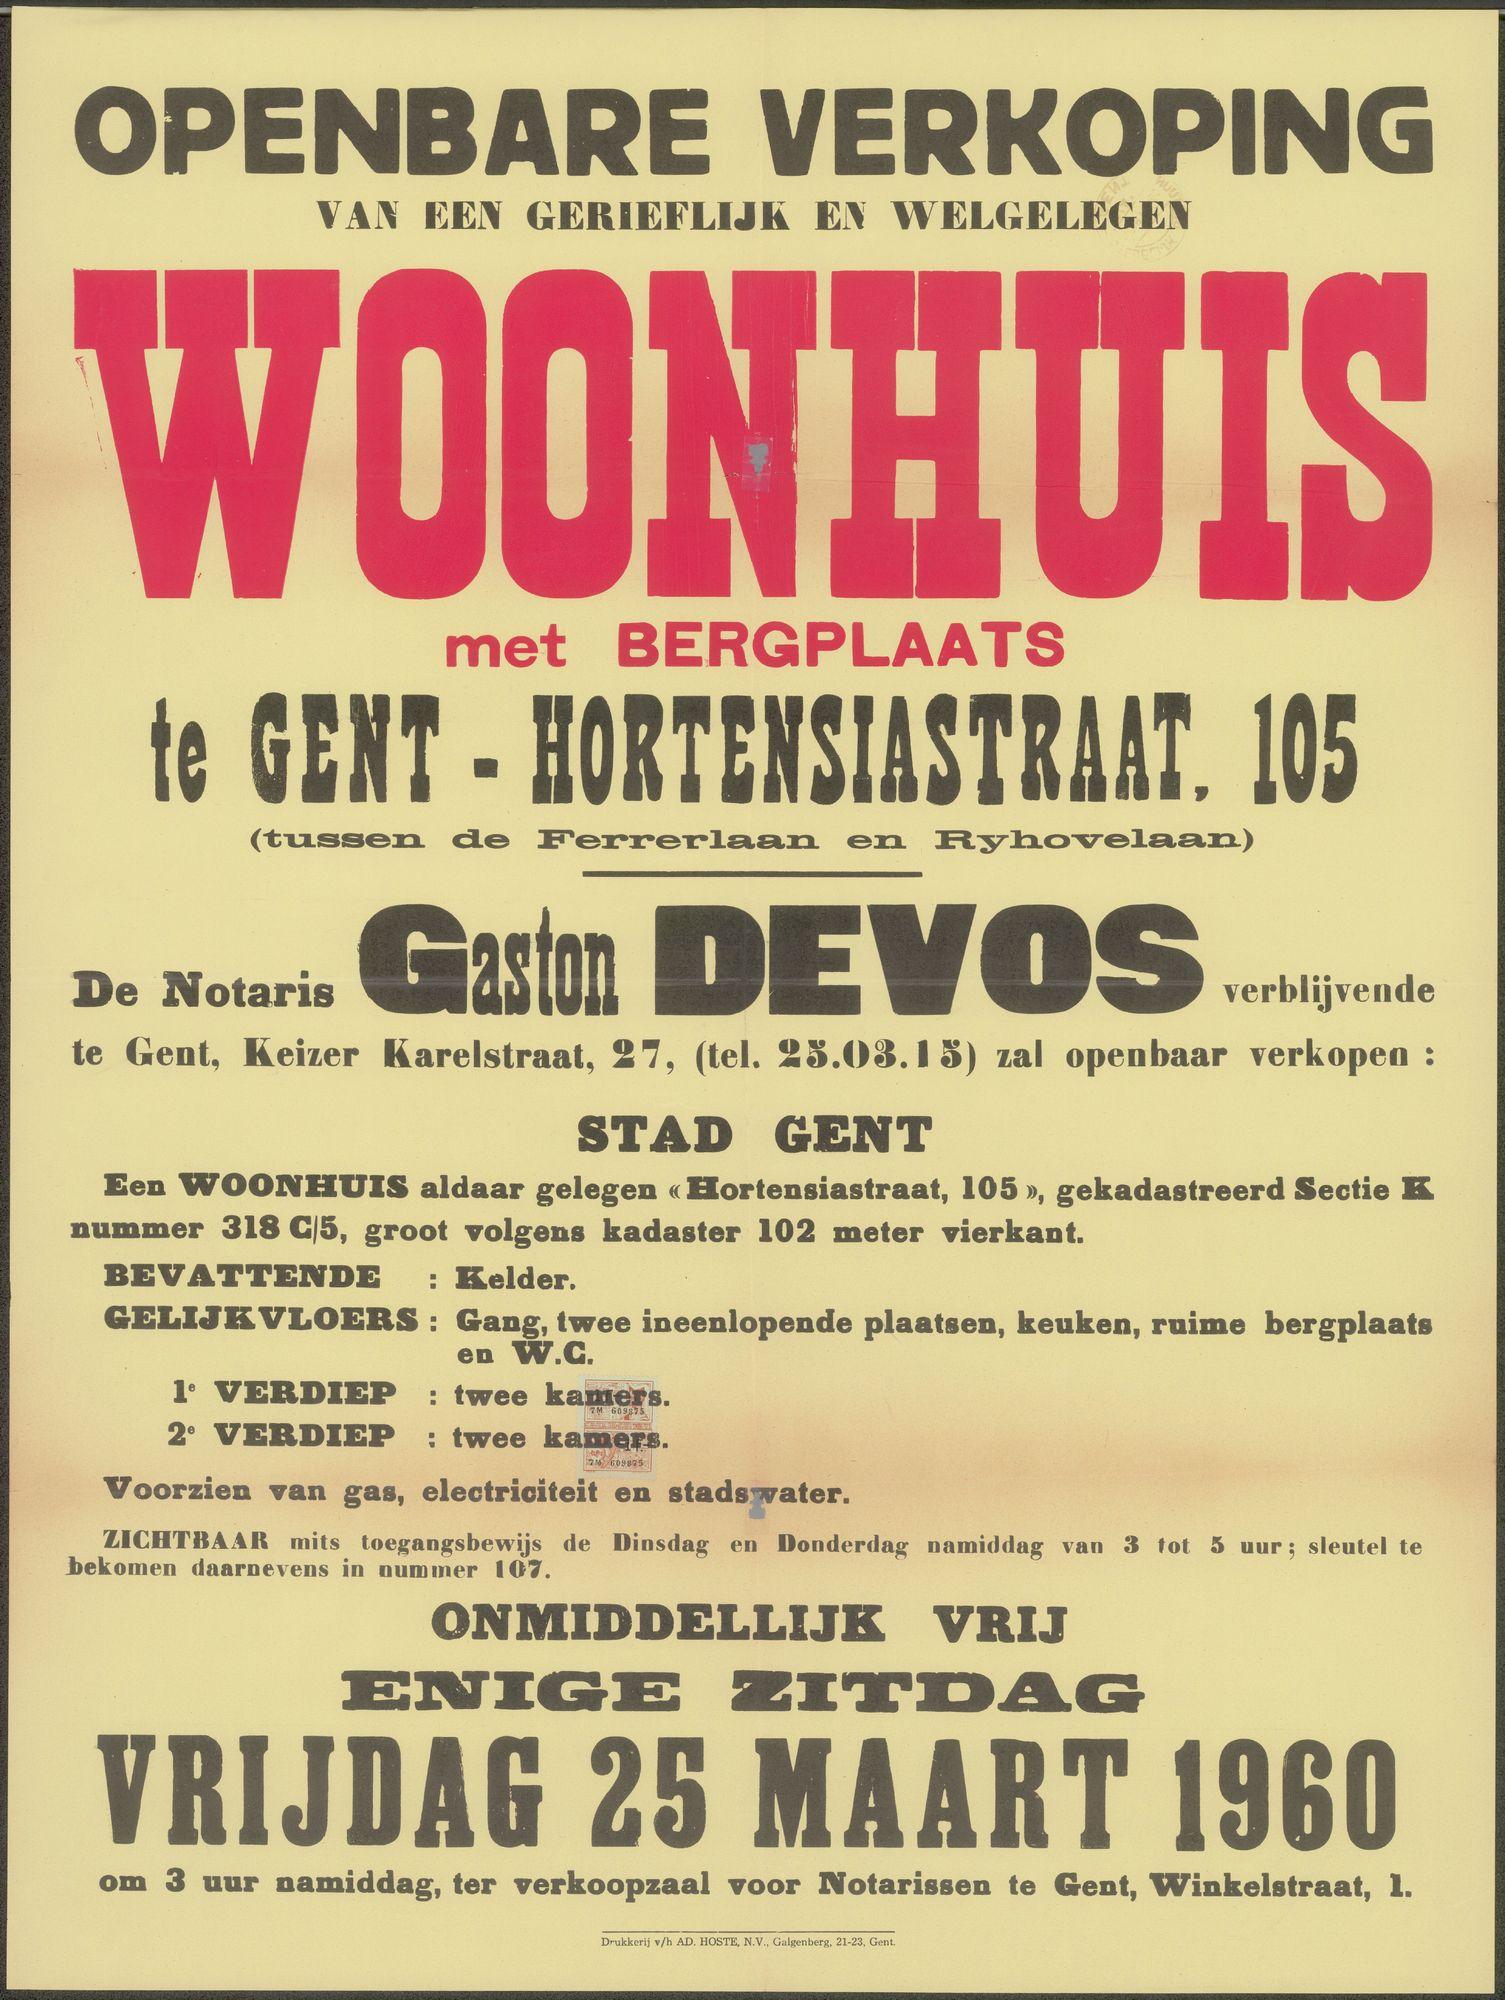 Openbare verkoop van een gerieflijk en welgelegen woonhuis met bergplaats te Gent - Hortensiastraat, nr.105 (tussen de Ferrerlaan en Ryhovelaan), Gent,  25 maart 1960